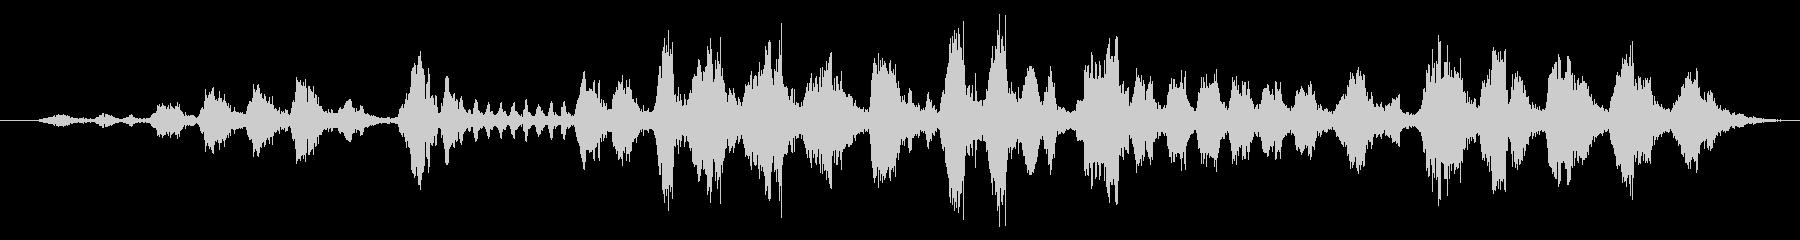 モスケミソサザイのさえずりの未再生の波形